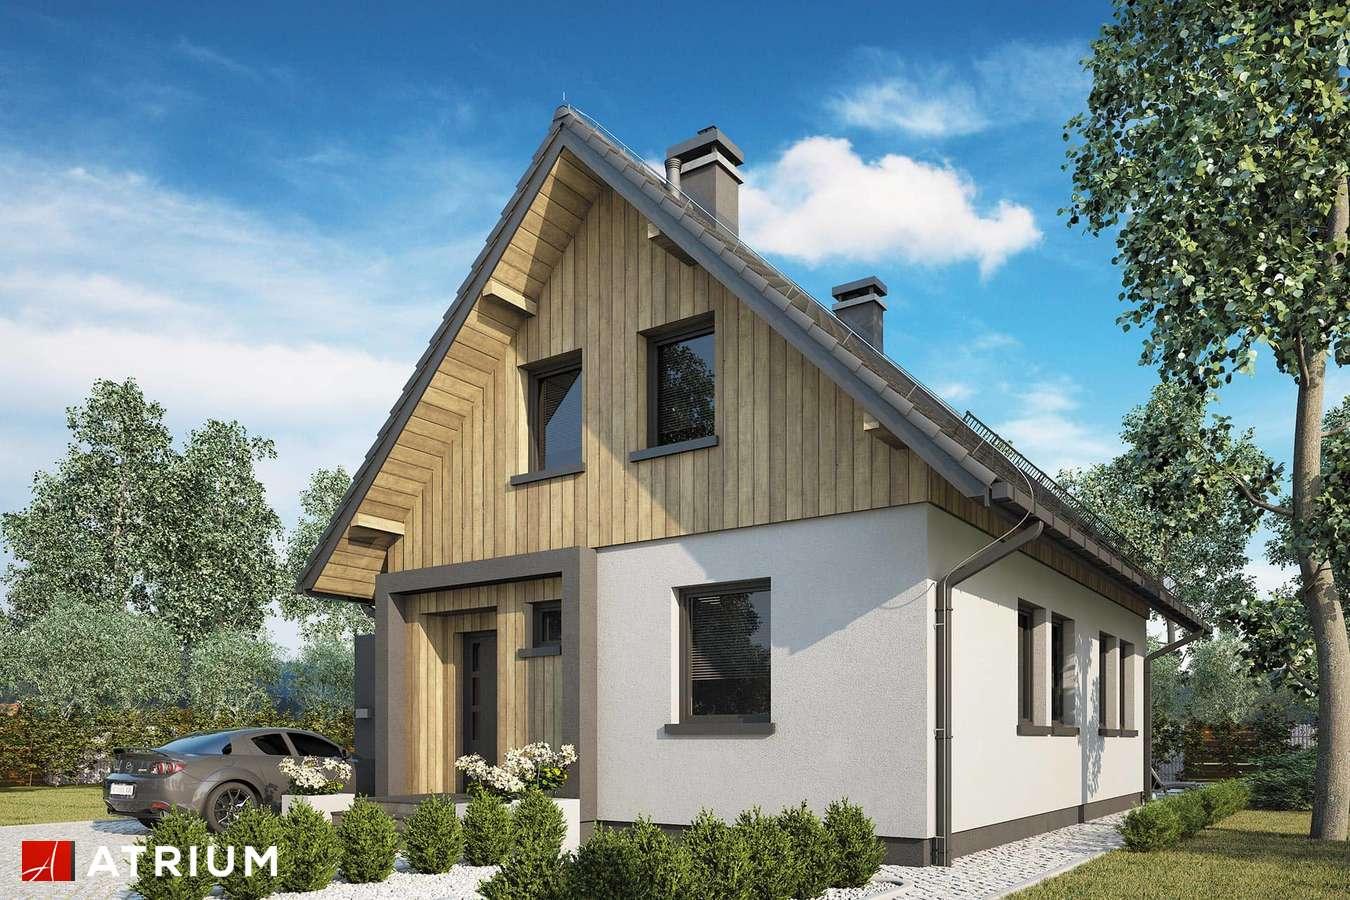 Projekty domów - Projekt domu z poddaszem FILIP - wizualizacja 1 - wersja lustrzana